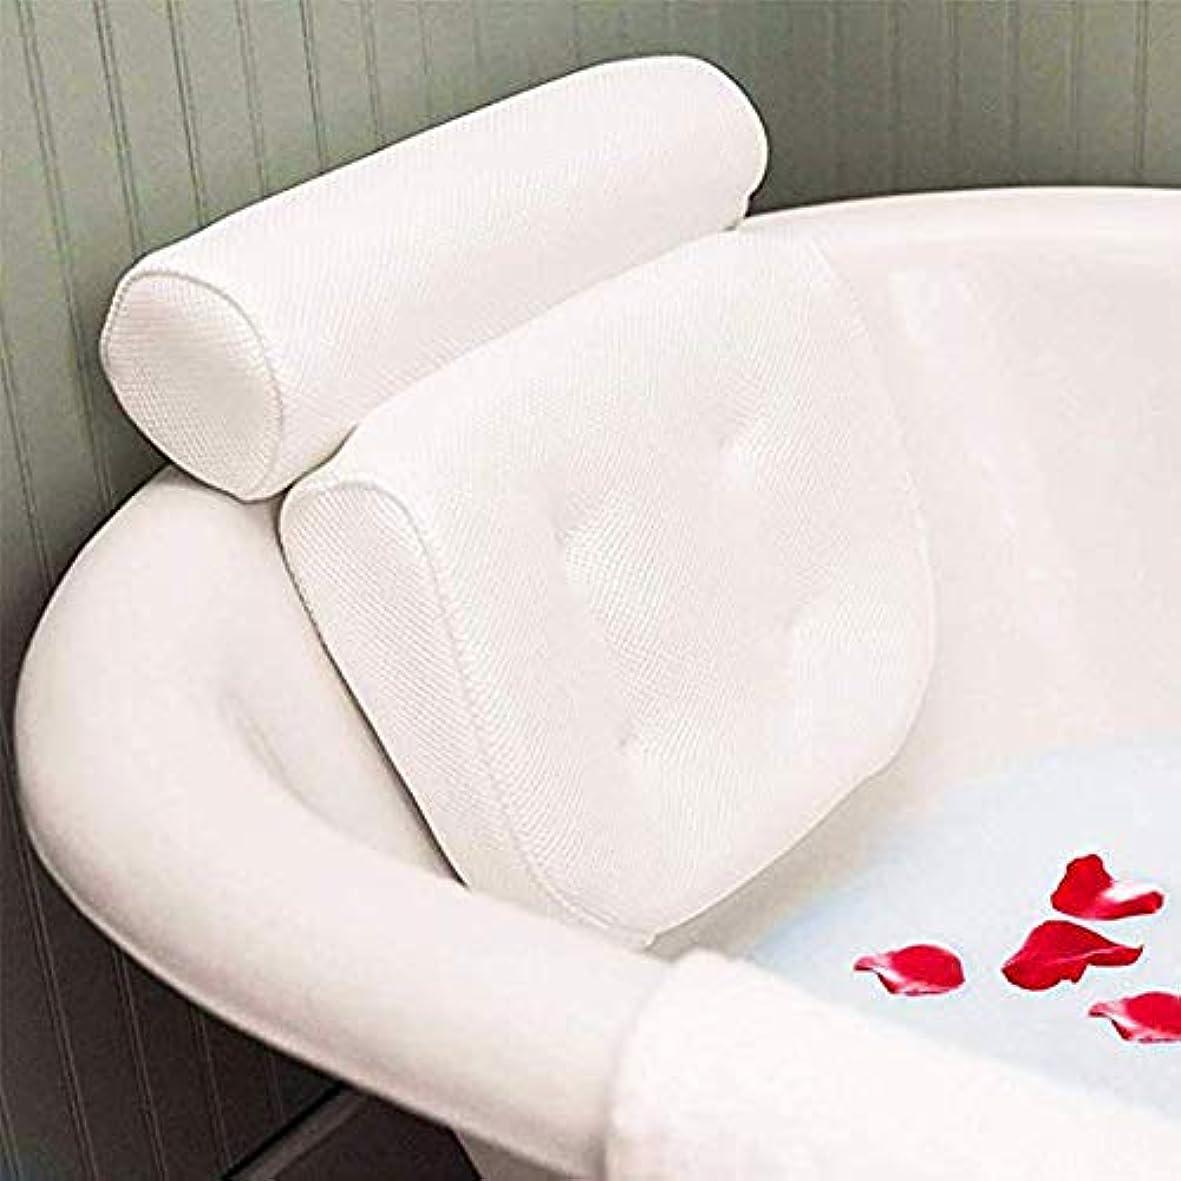 泣き叫ぶ倍増プランター頭、首、肩と背中のサポートが付いている浴槽スパ枕、滑り止め4大型サクションカップはどんな浴槽にもフィットし、抗菌性です。,White